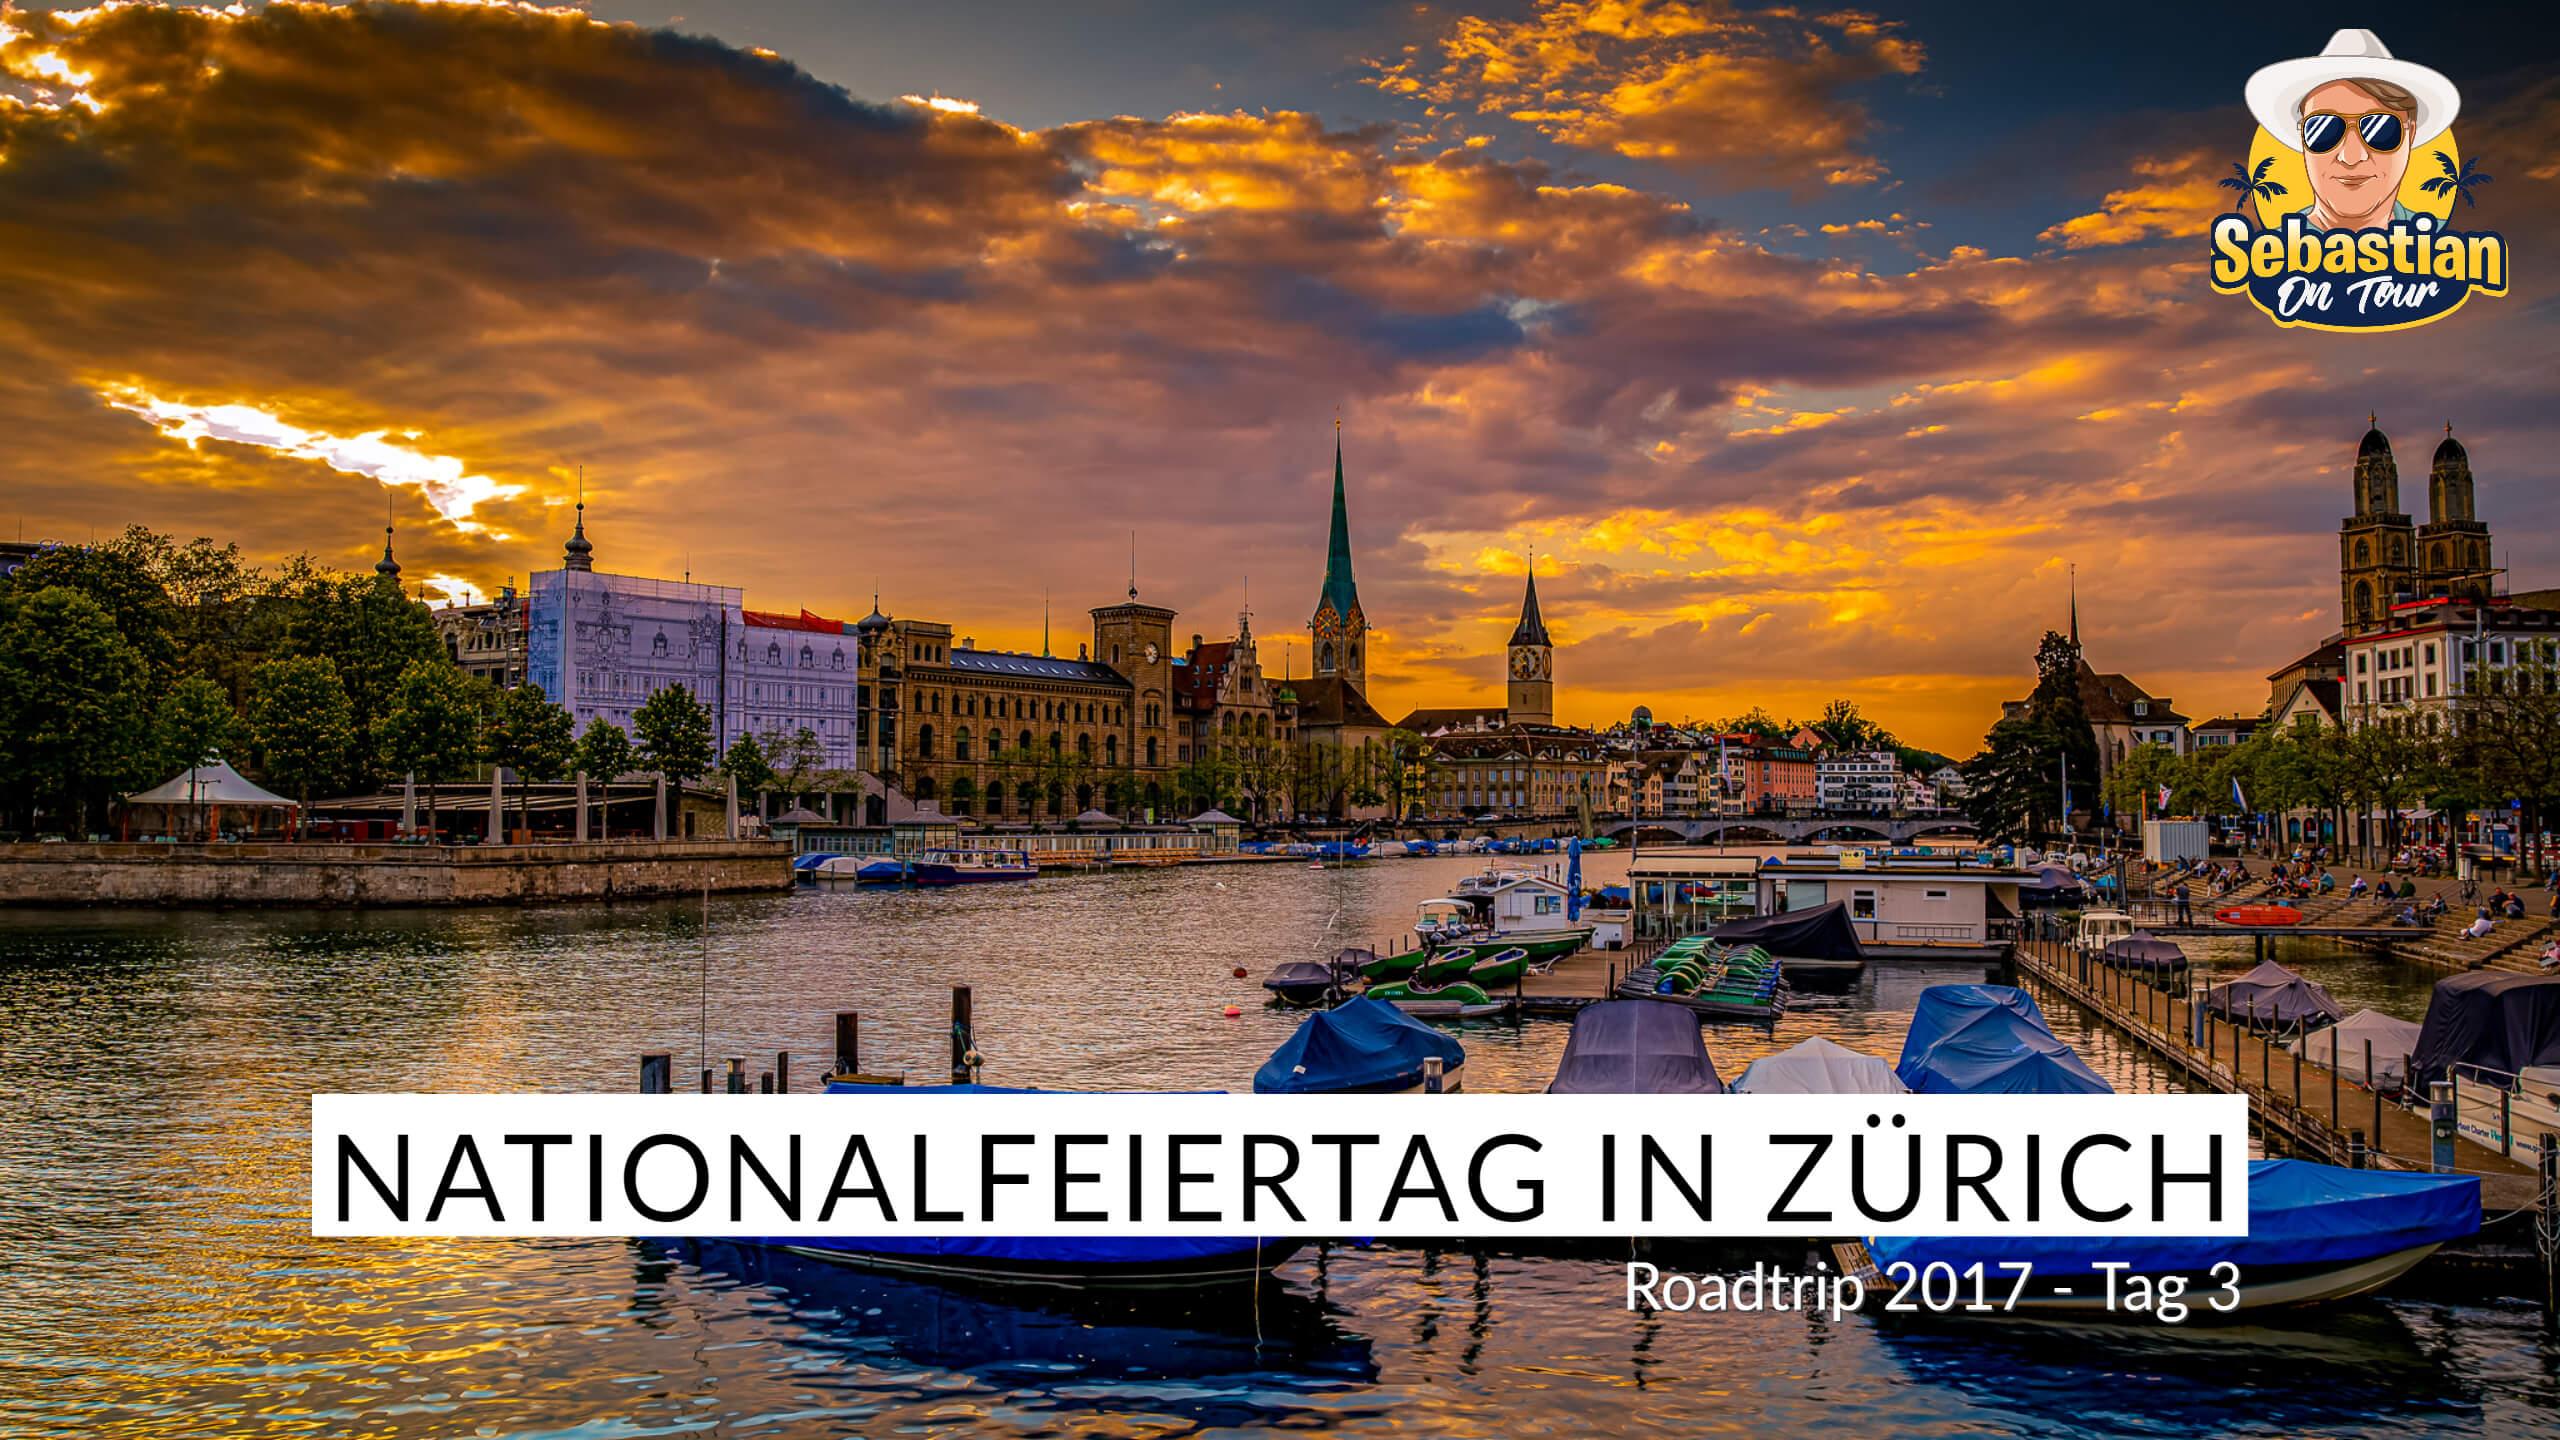 Nationalfeiertag in Zürich - Cabrio Tour 2017 - Tag 3